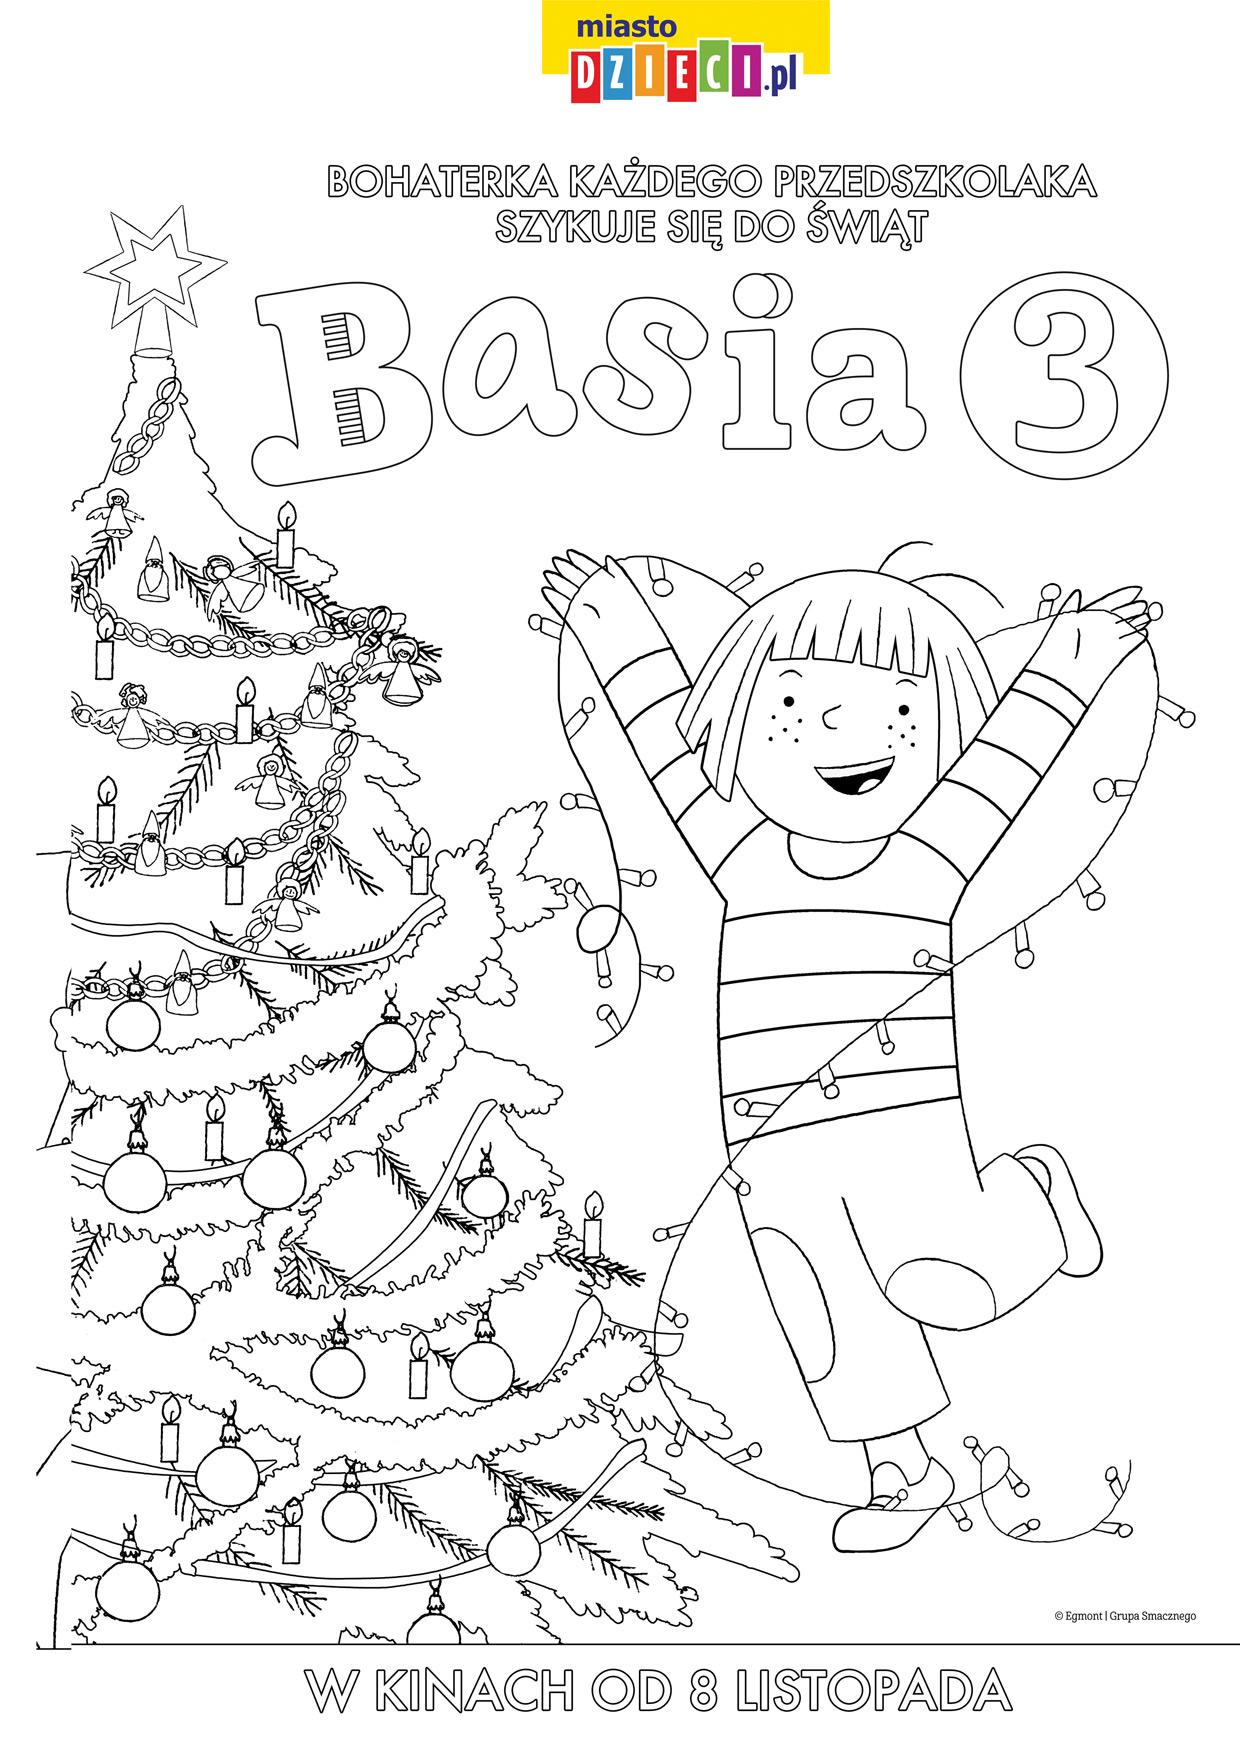 Basia szykuje się do świąt Bożego Narodzenia kolorowanki i szablony do druku dla dzieci MiastoDzieci.pl